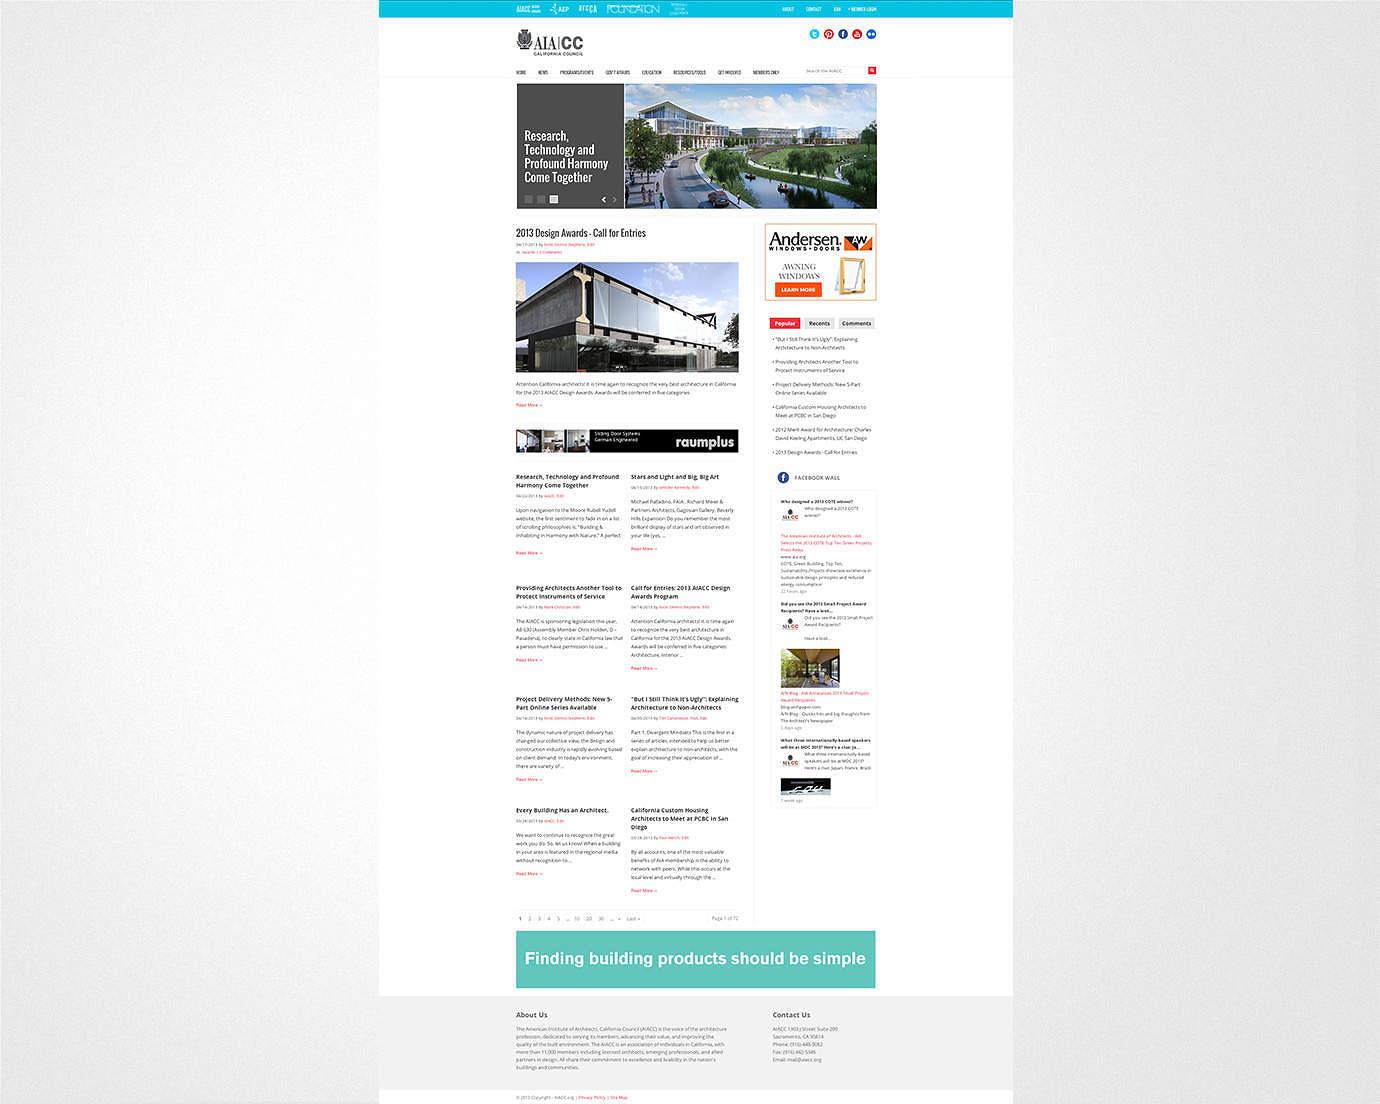 architect-architectural-california-advocacy-website-design